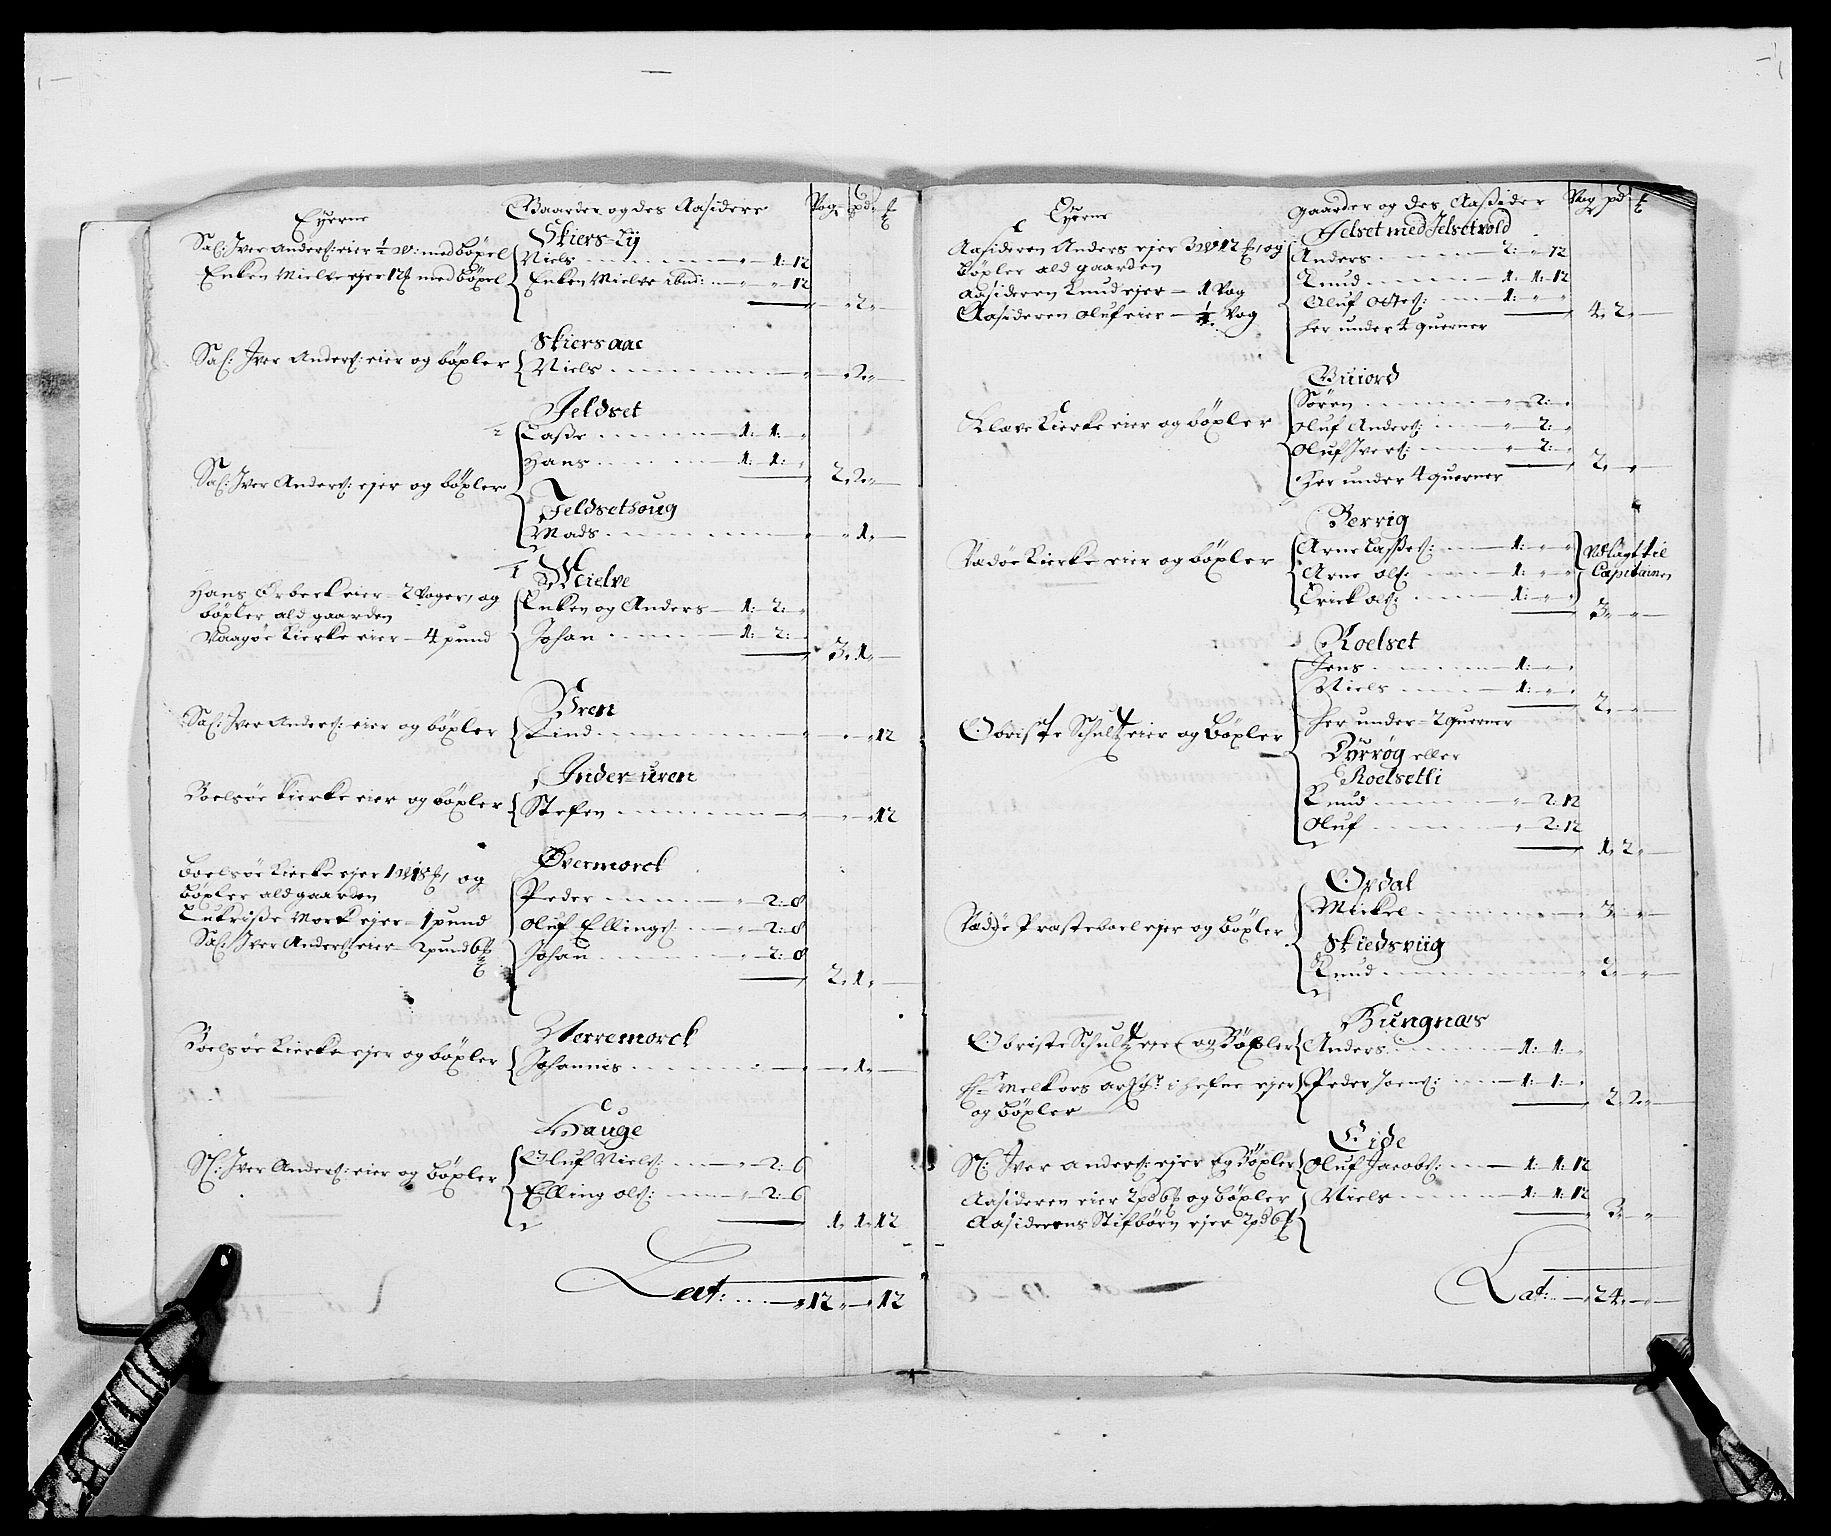 RA, Rentekammeret inntil 1814, Reviderte regnskaper, Fogderegnskap, R55/L3648: Fogderegnskap Romsdal, 1687-1689, s. 5